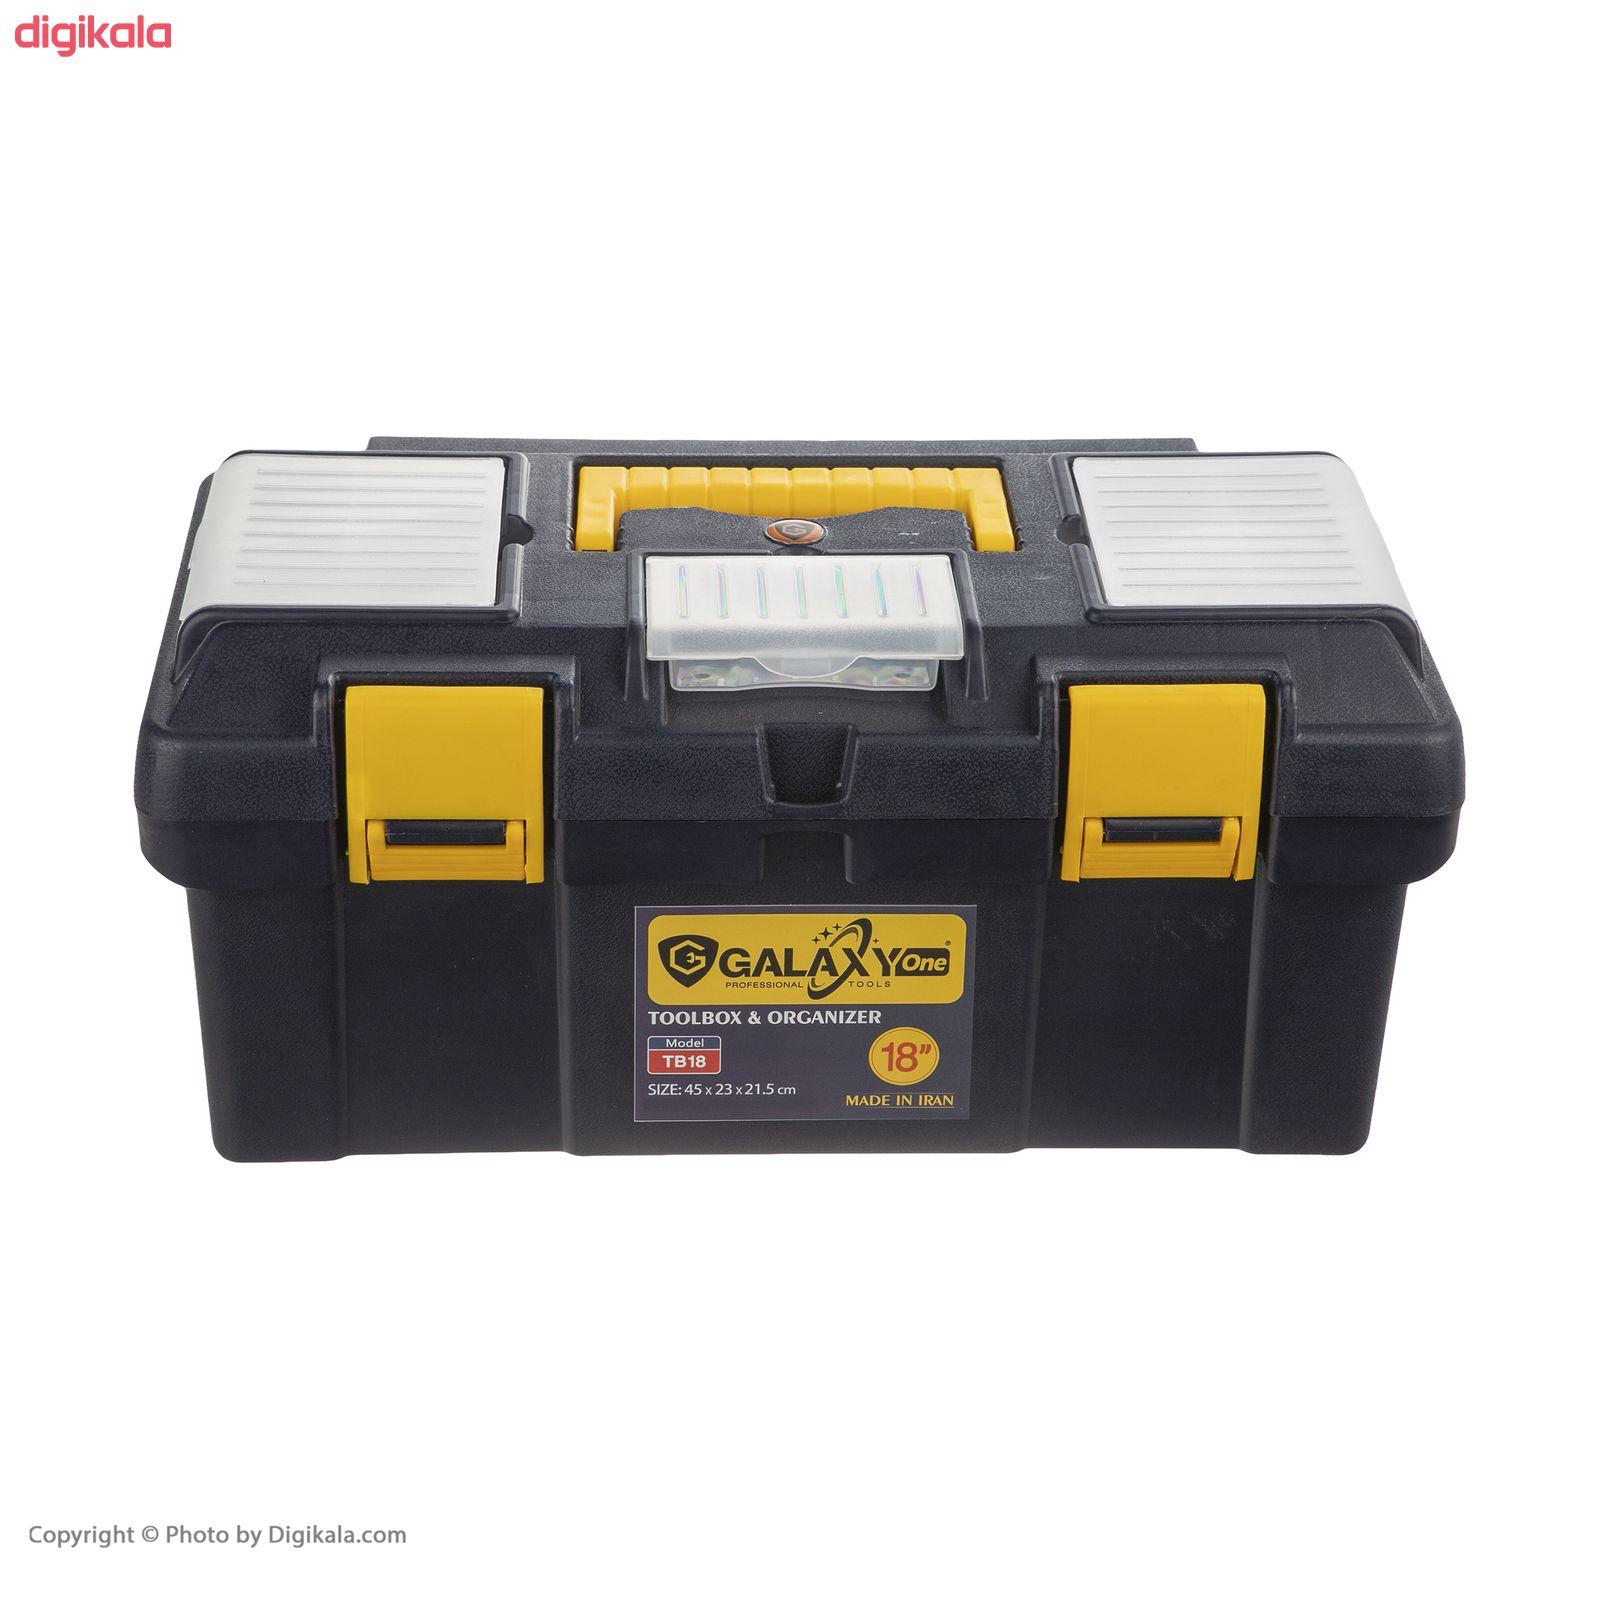 جعبه ابزار گلکسی وان مدل TB18 main 1 2